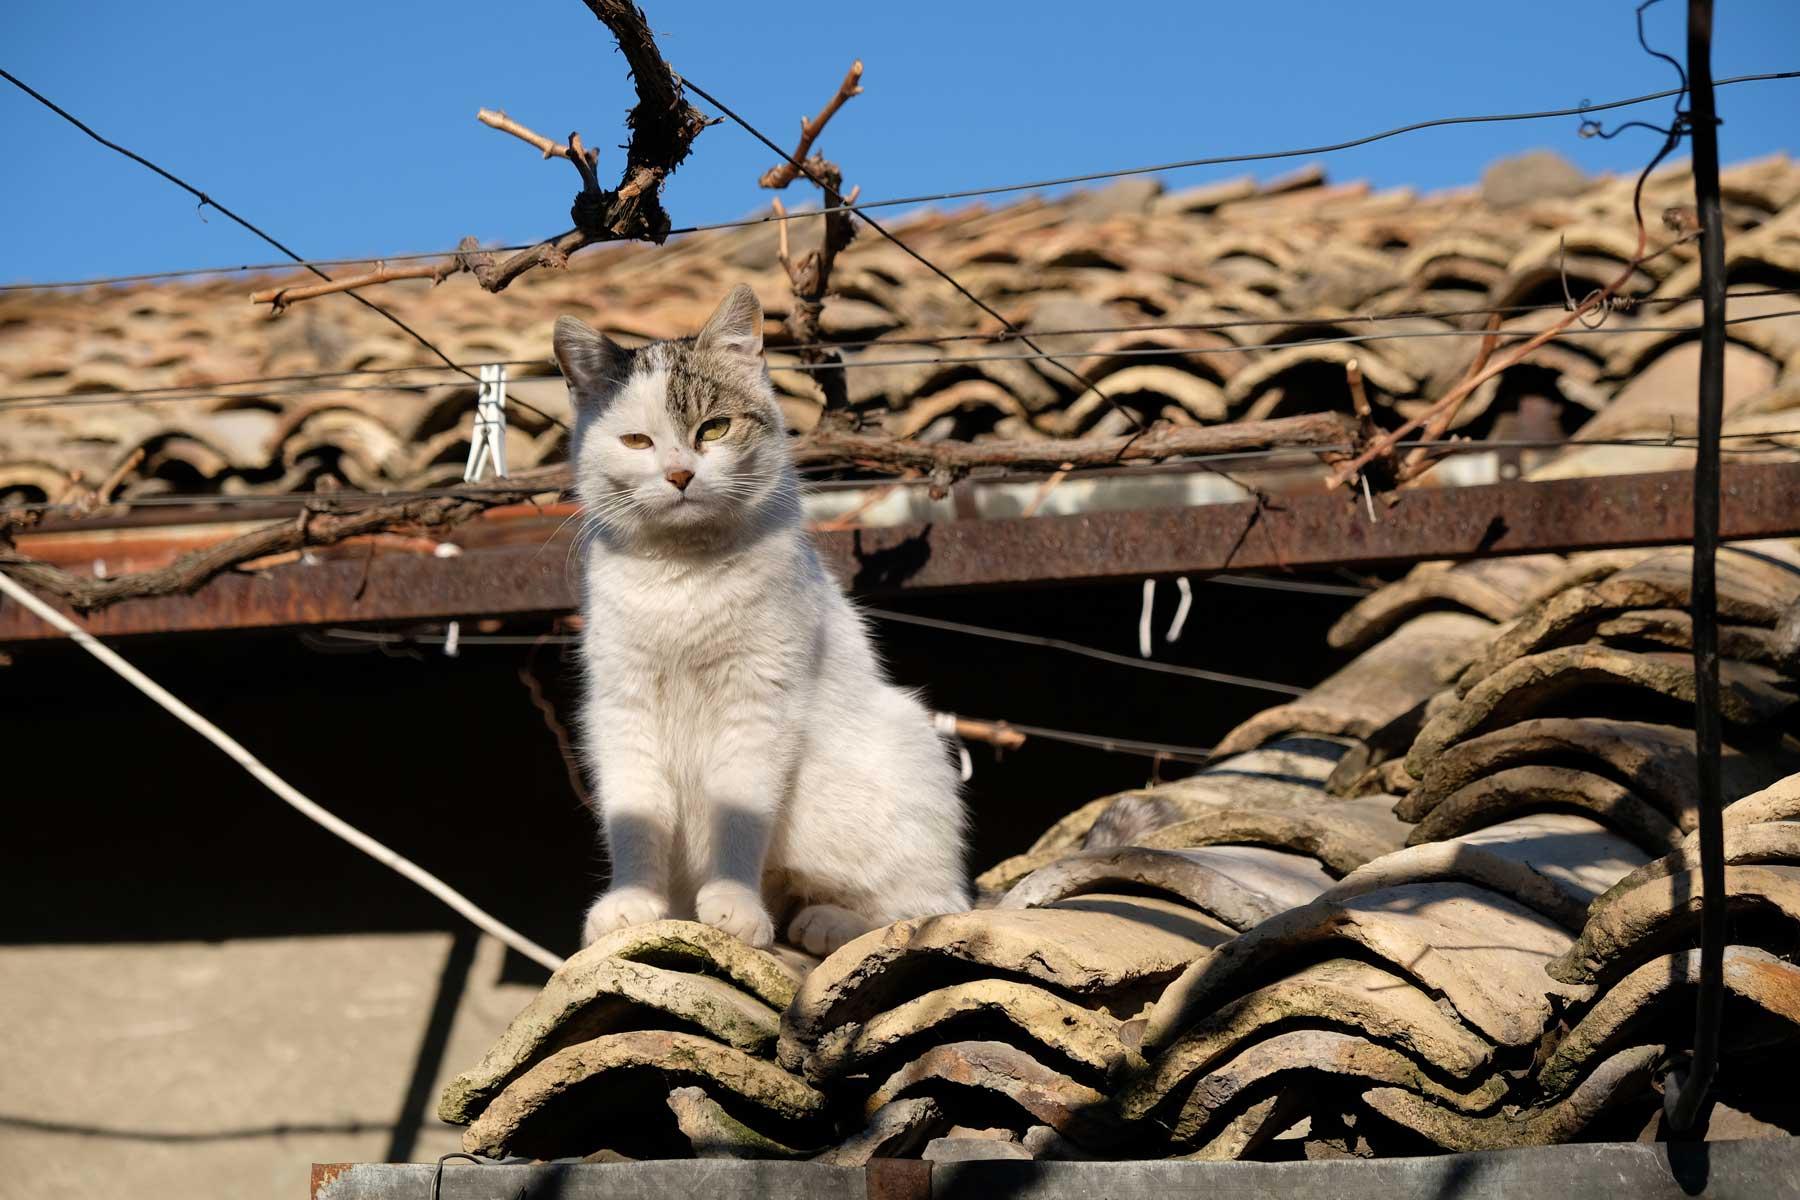 Auch die Katzen scheinen sich durchaus wohl zu fühlen